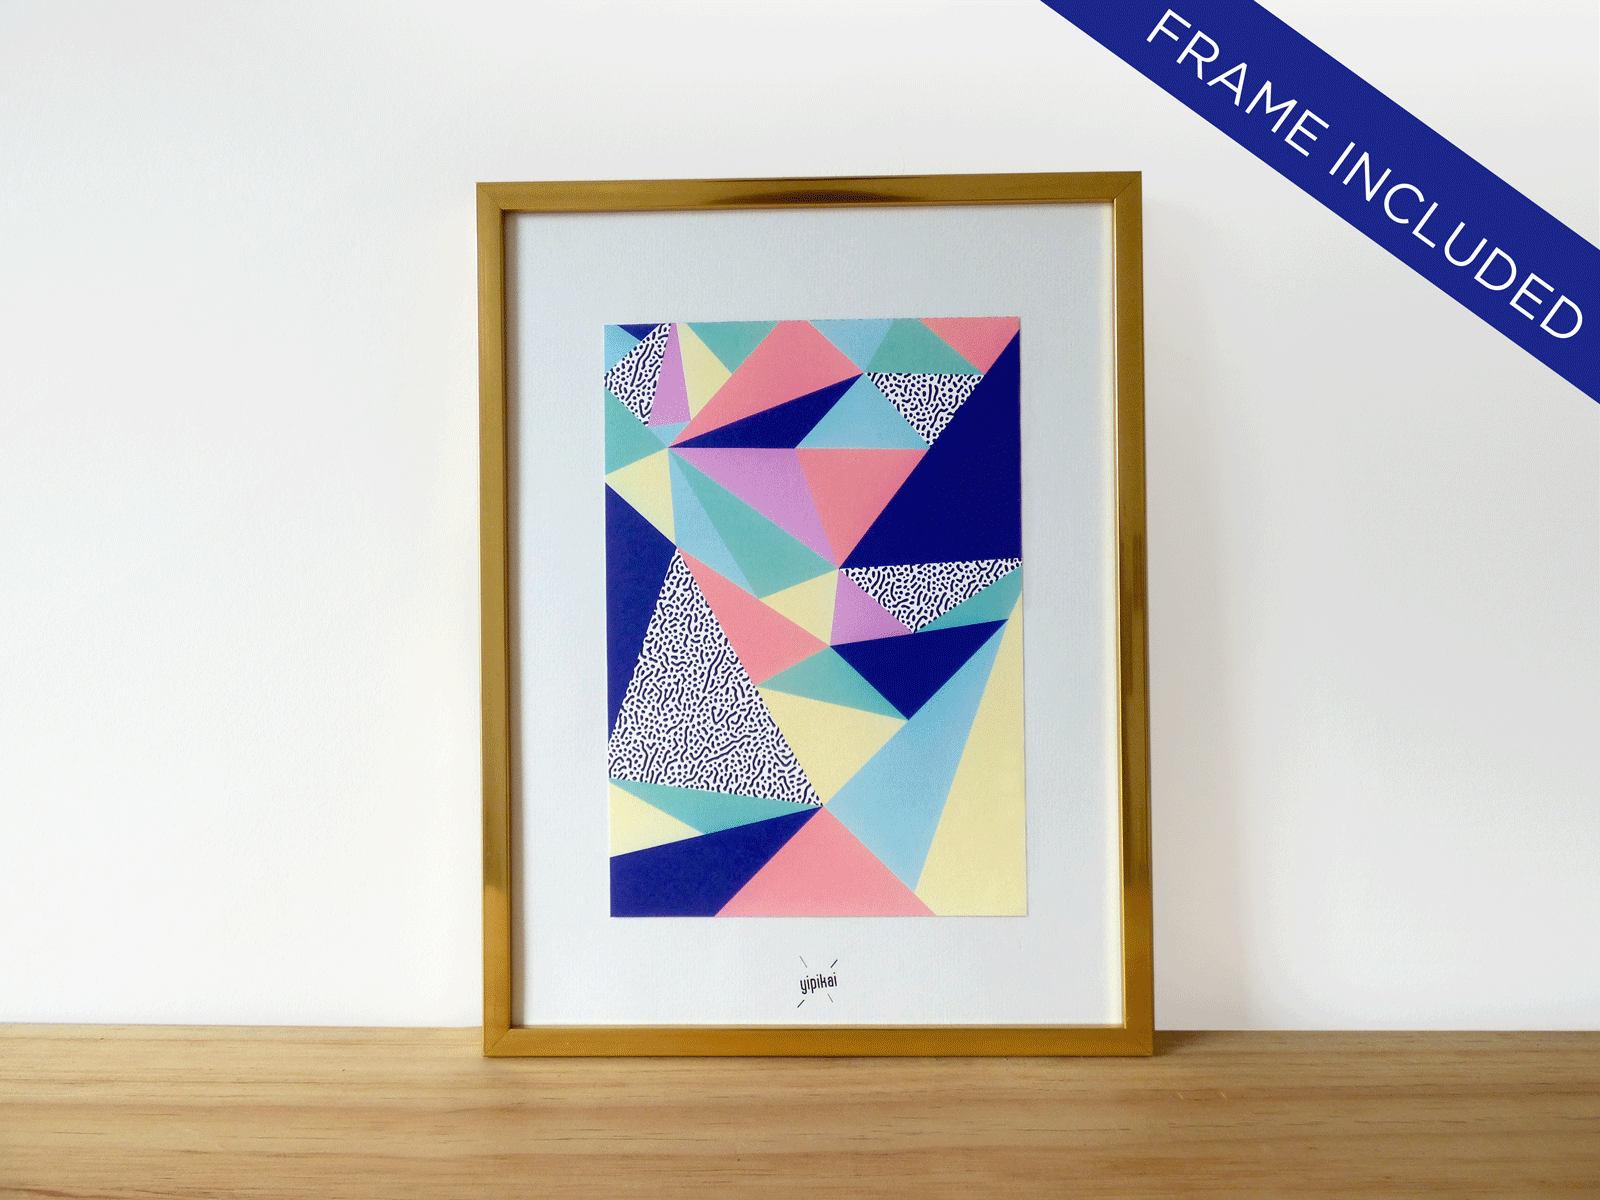 Grafischen Poster gerahmt Rahmen Golden 25 cm x 19 cm